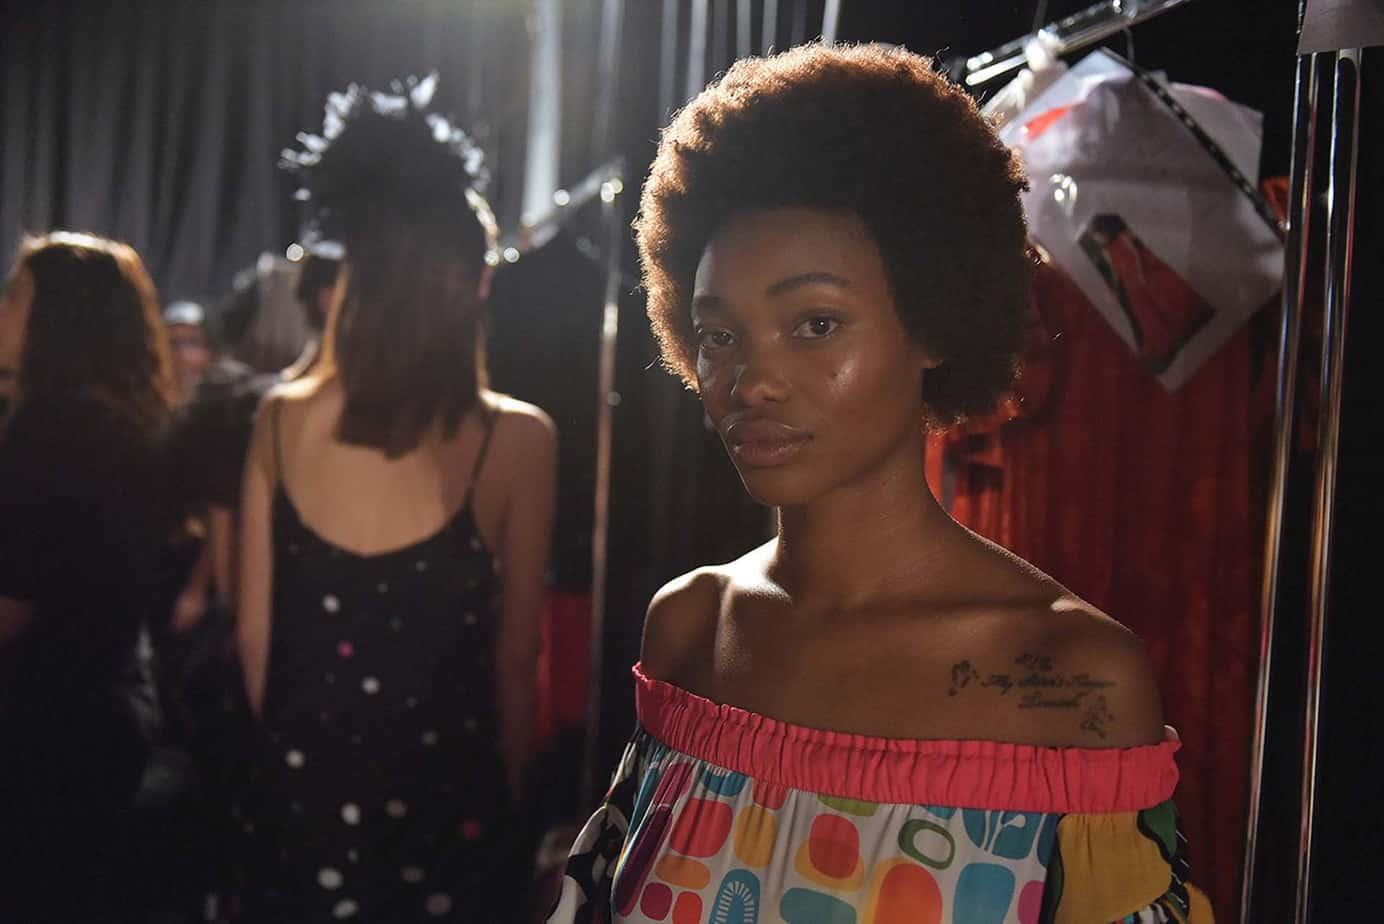 לארה רוסנובסקי, שבוע האופנה תל אביב 2019, צילום סרג'ו סטרודובצב - 3